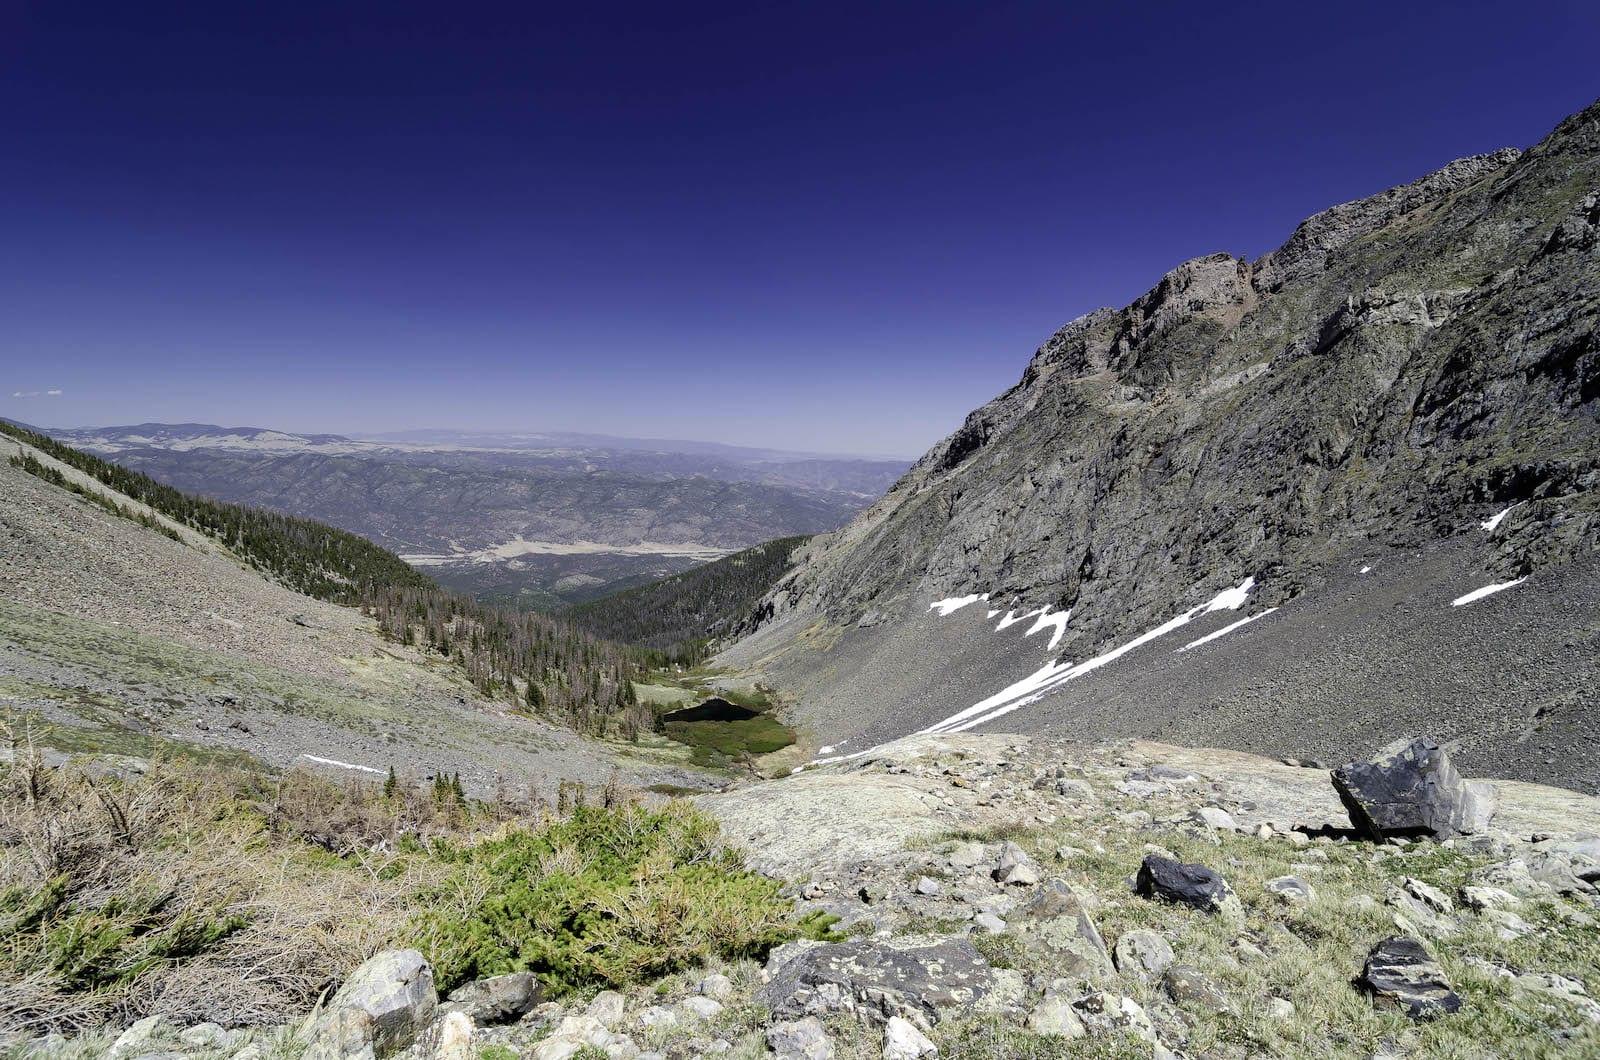 Hutan Belantara Sangre de Cristo Colorado